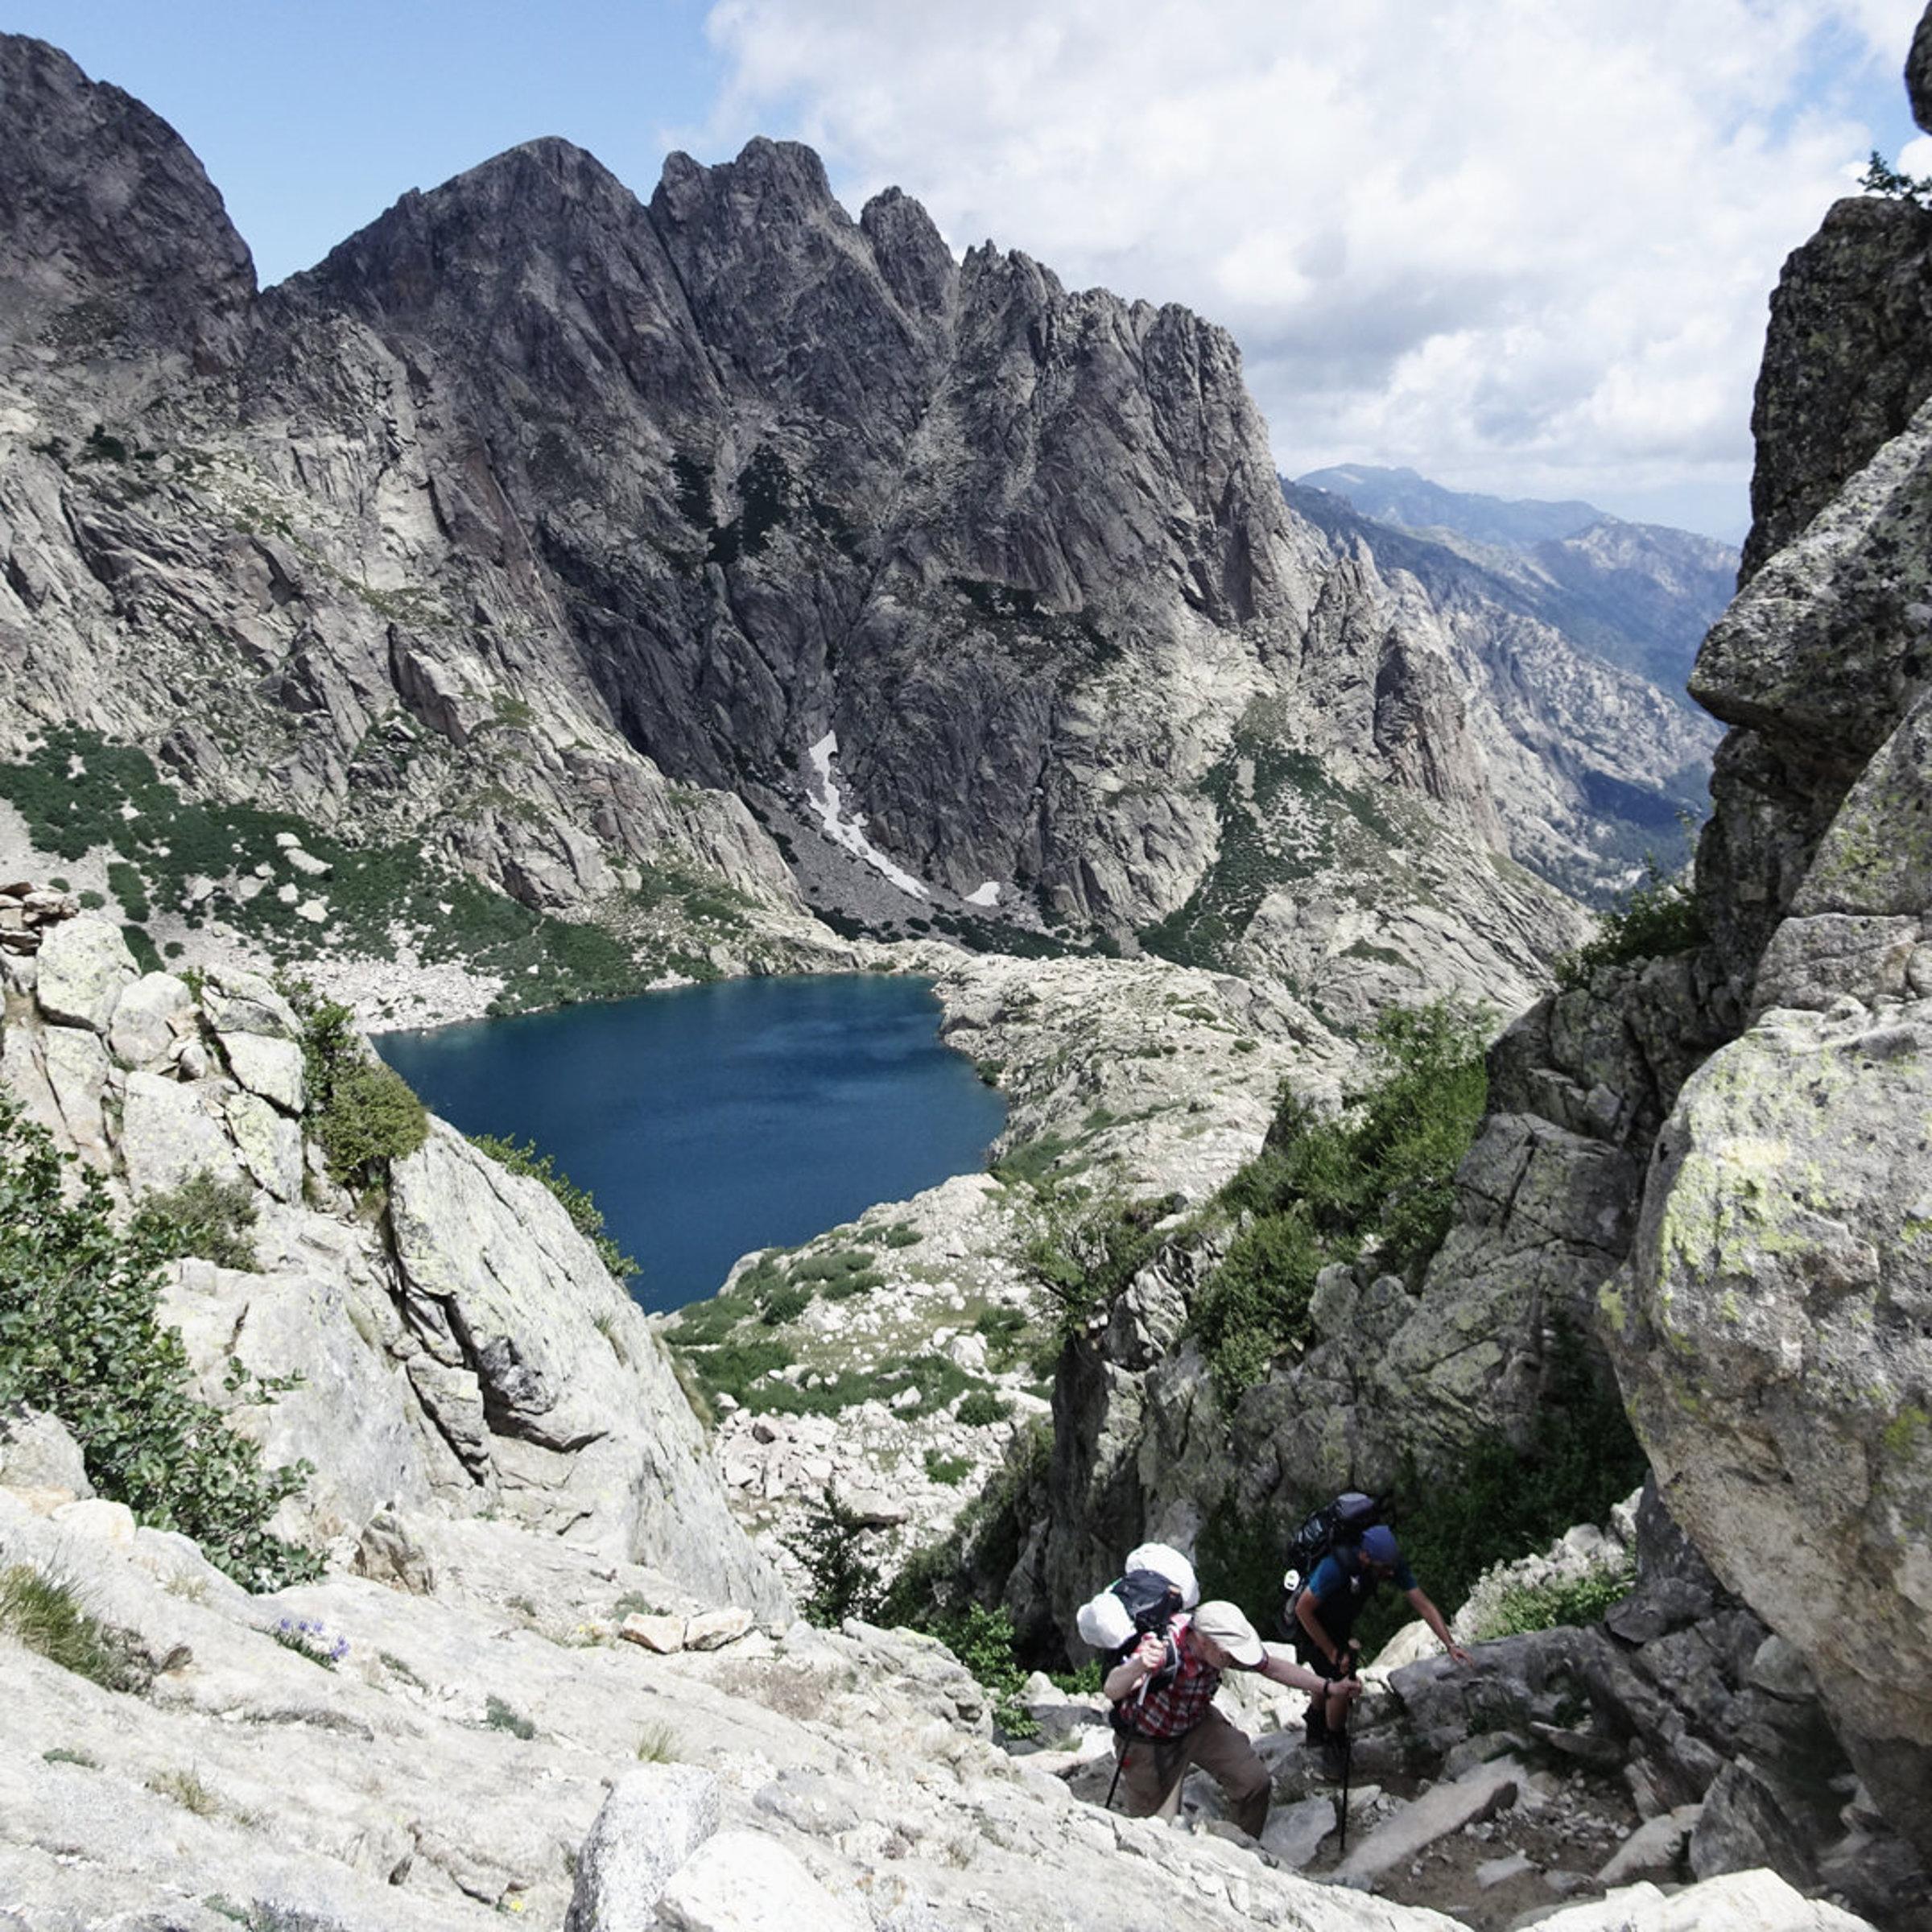 Steiler Aufstieg über die Scharte vom Capitello See, Korsika, GR20 Weitwanderweg, Wandern, Berge, Frankreich